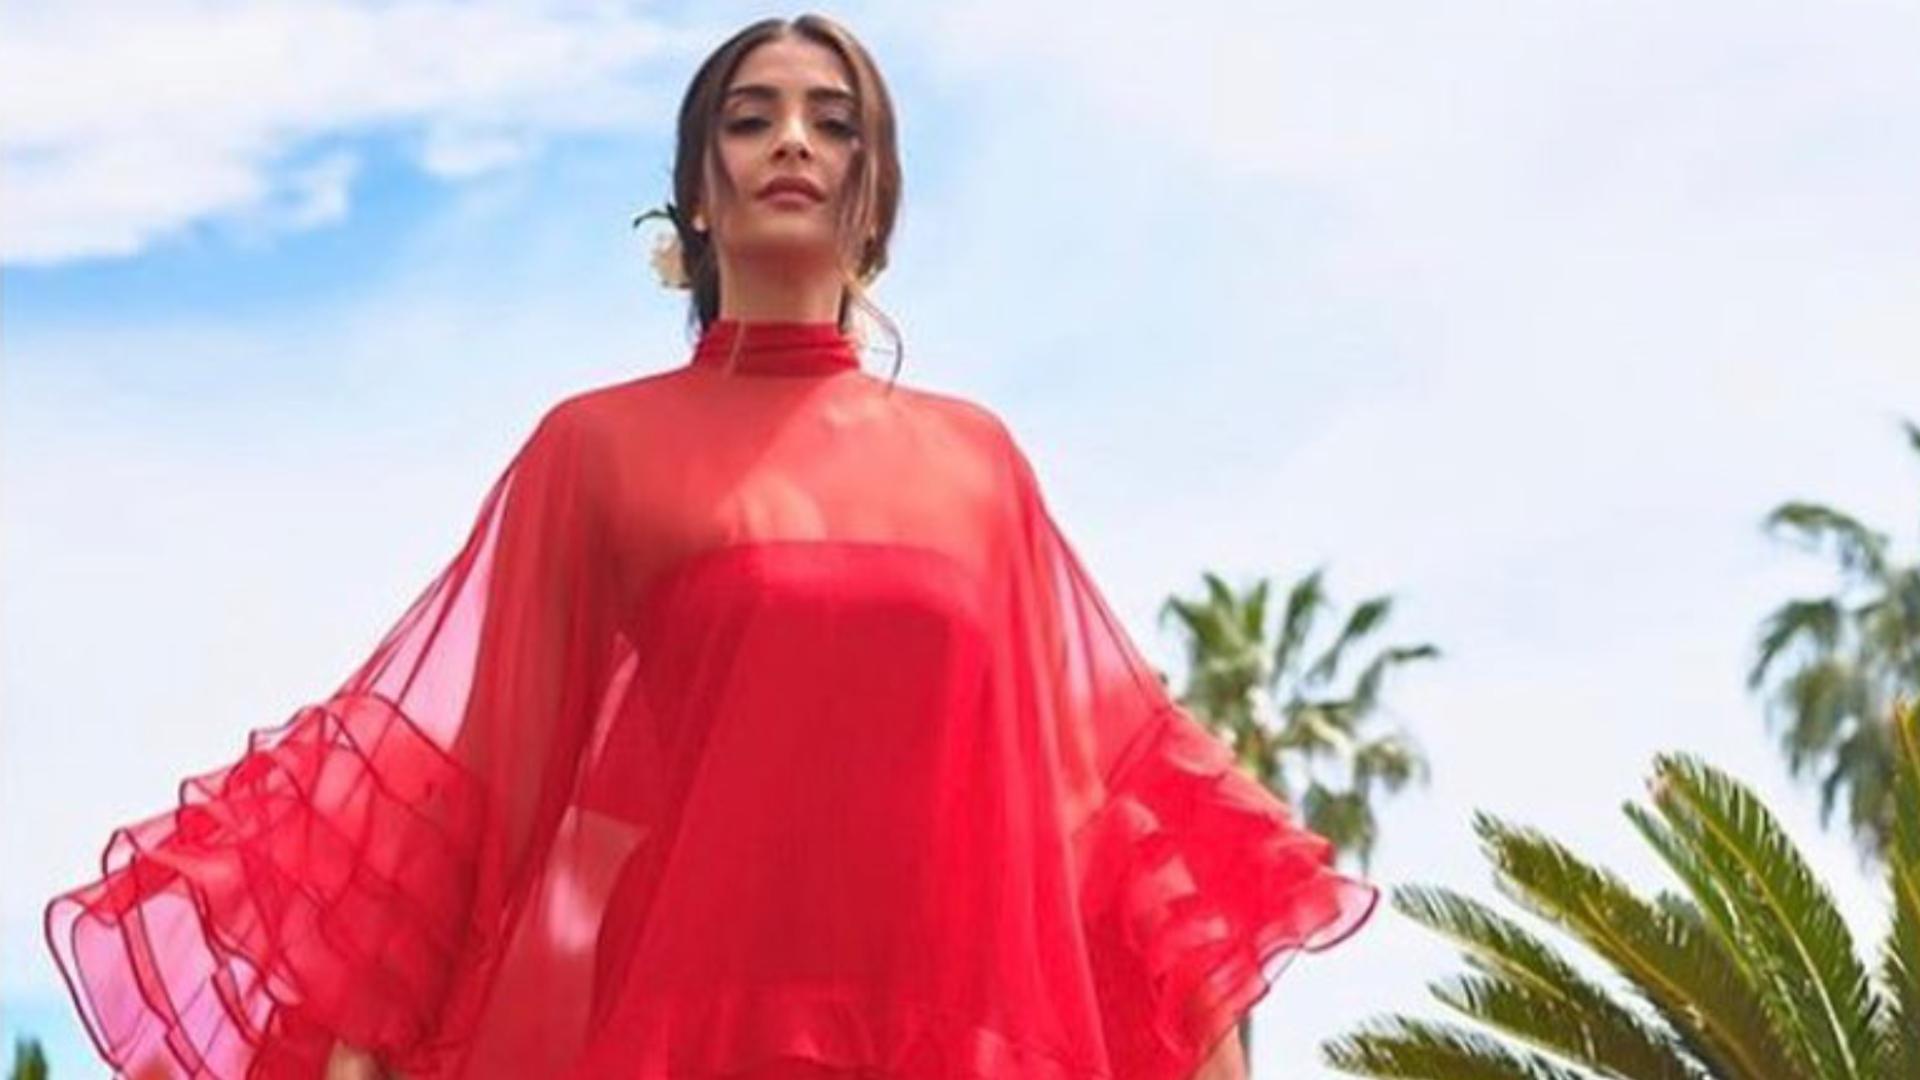 Cannes 2019: अनिल कपूर ने सोनम कपूर और रिया कपूर के फैशन सेंस को लेकर की तारीफ, खुद को बताया प्राउड फादर